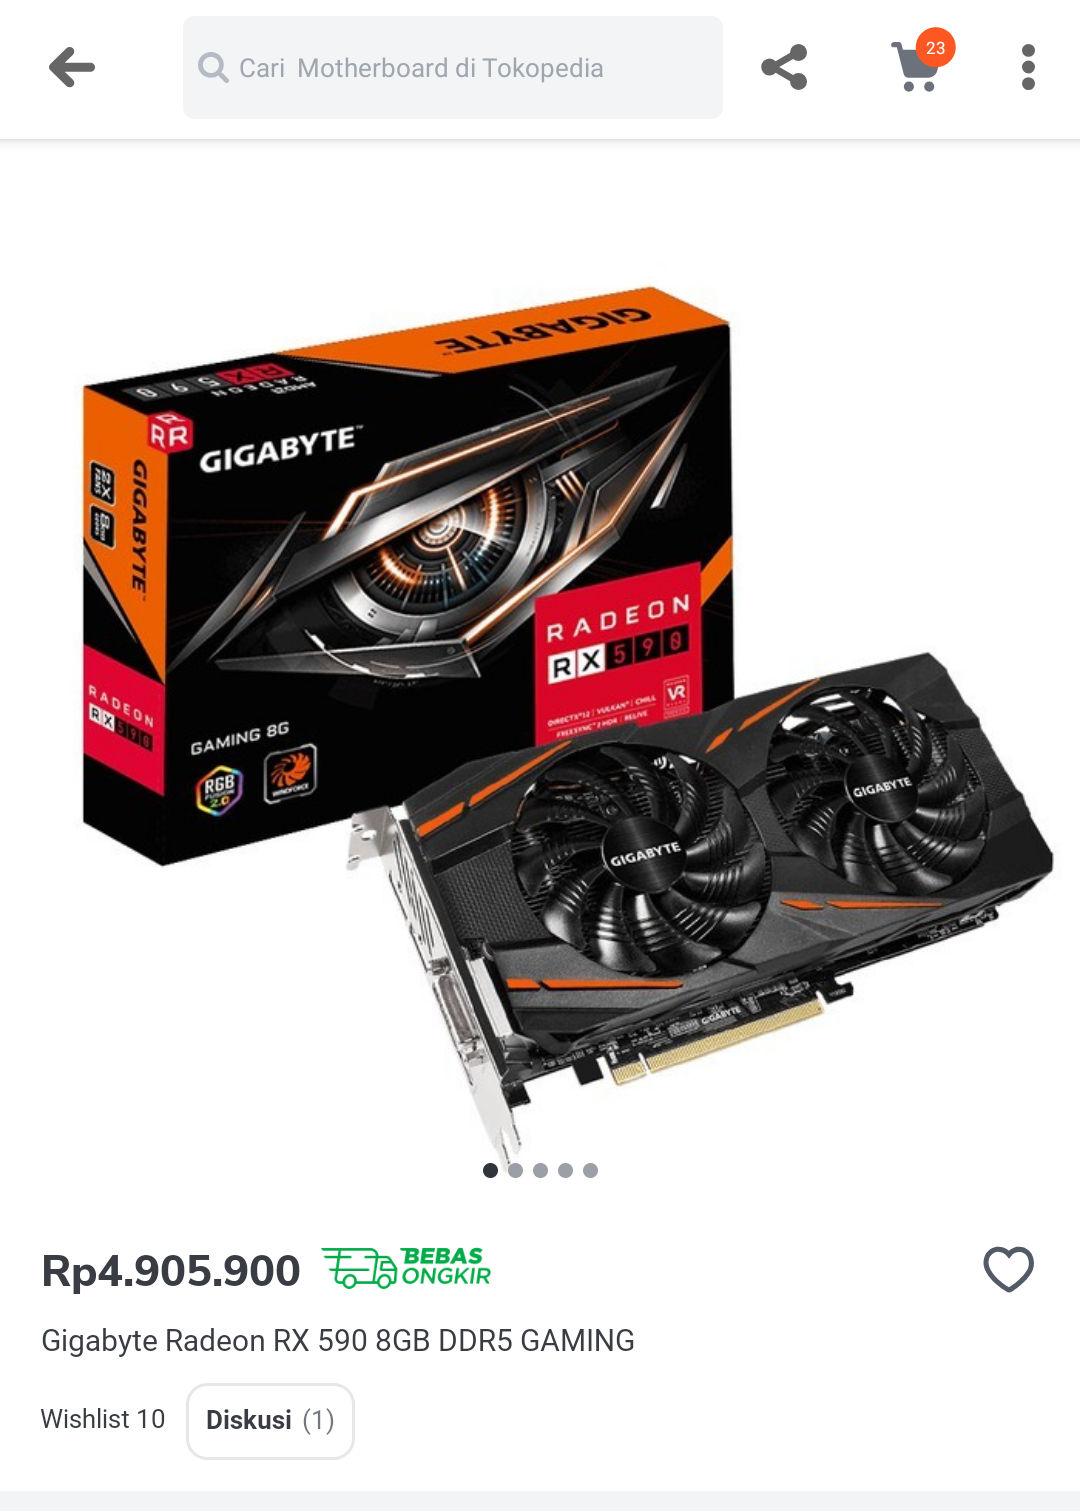 Amd-a Radeon Rx 590